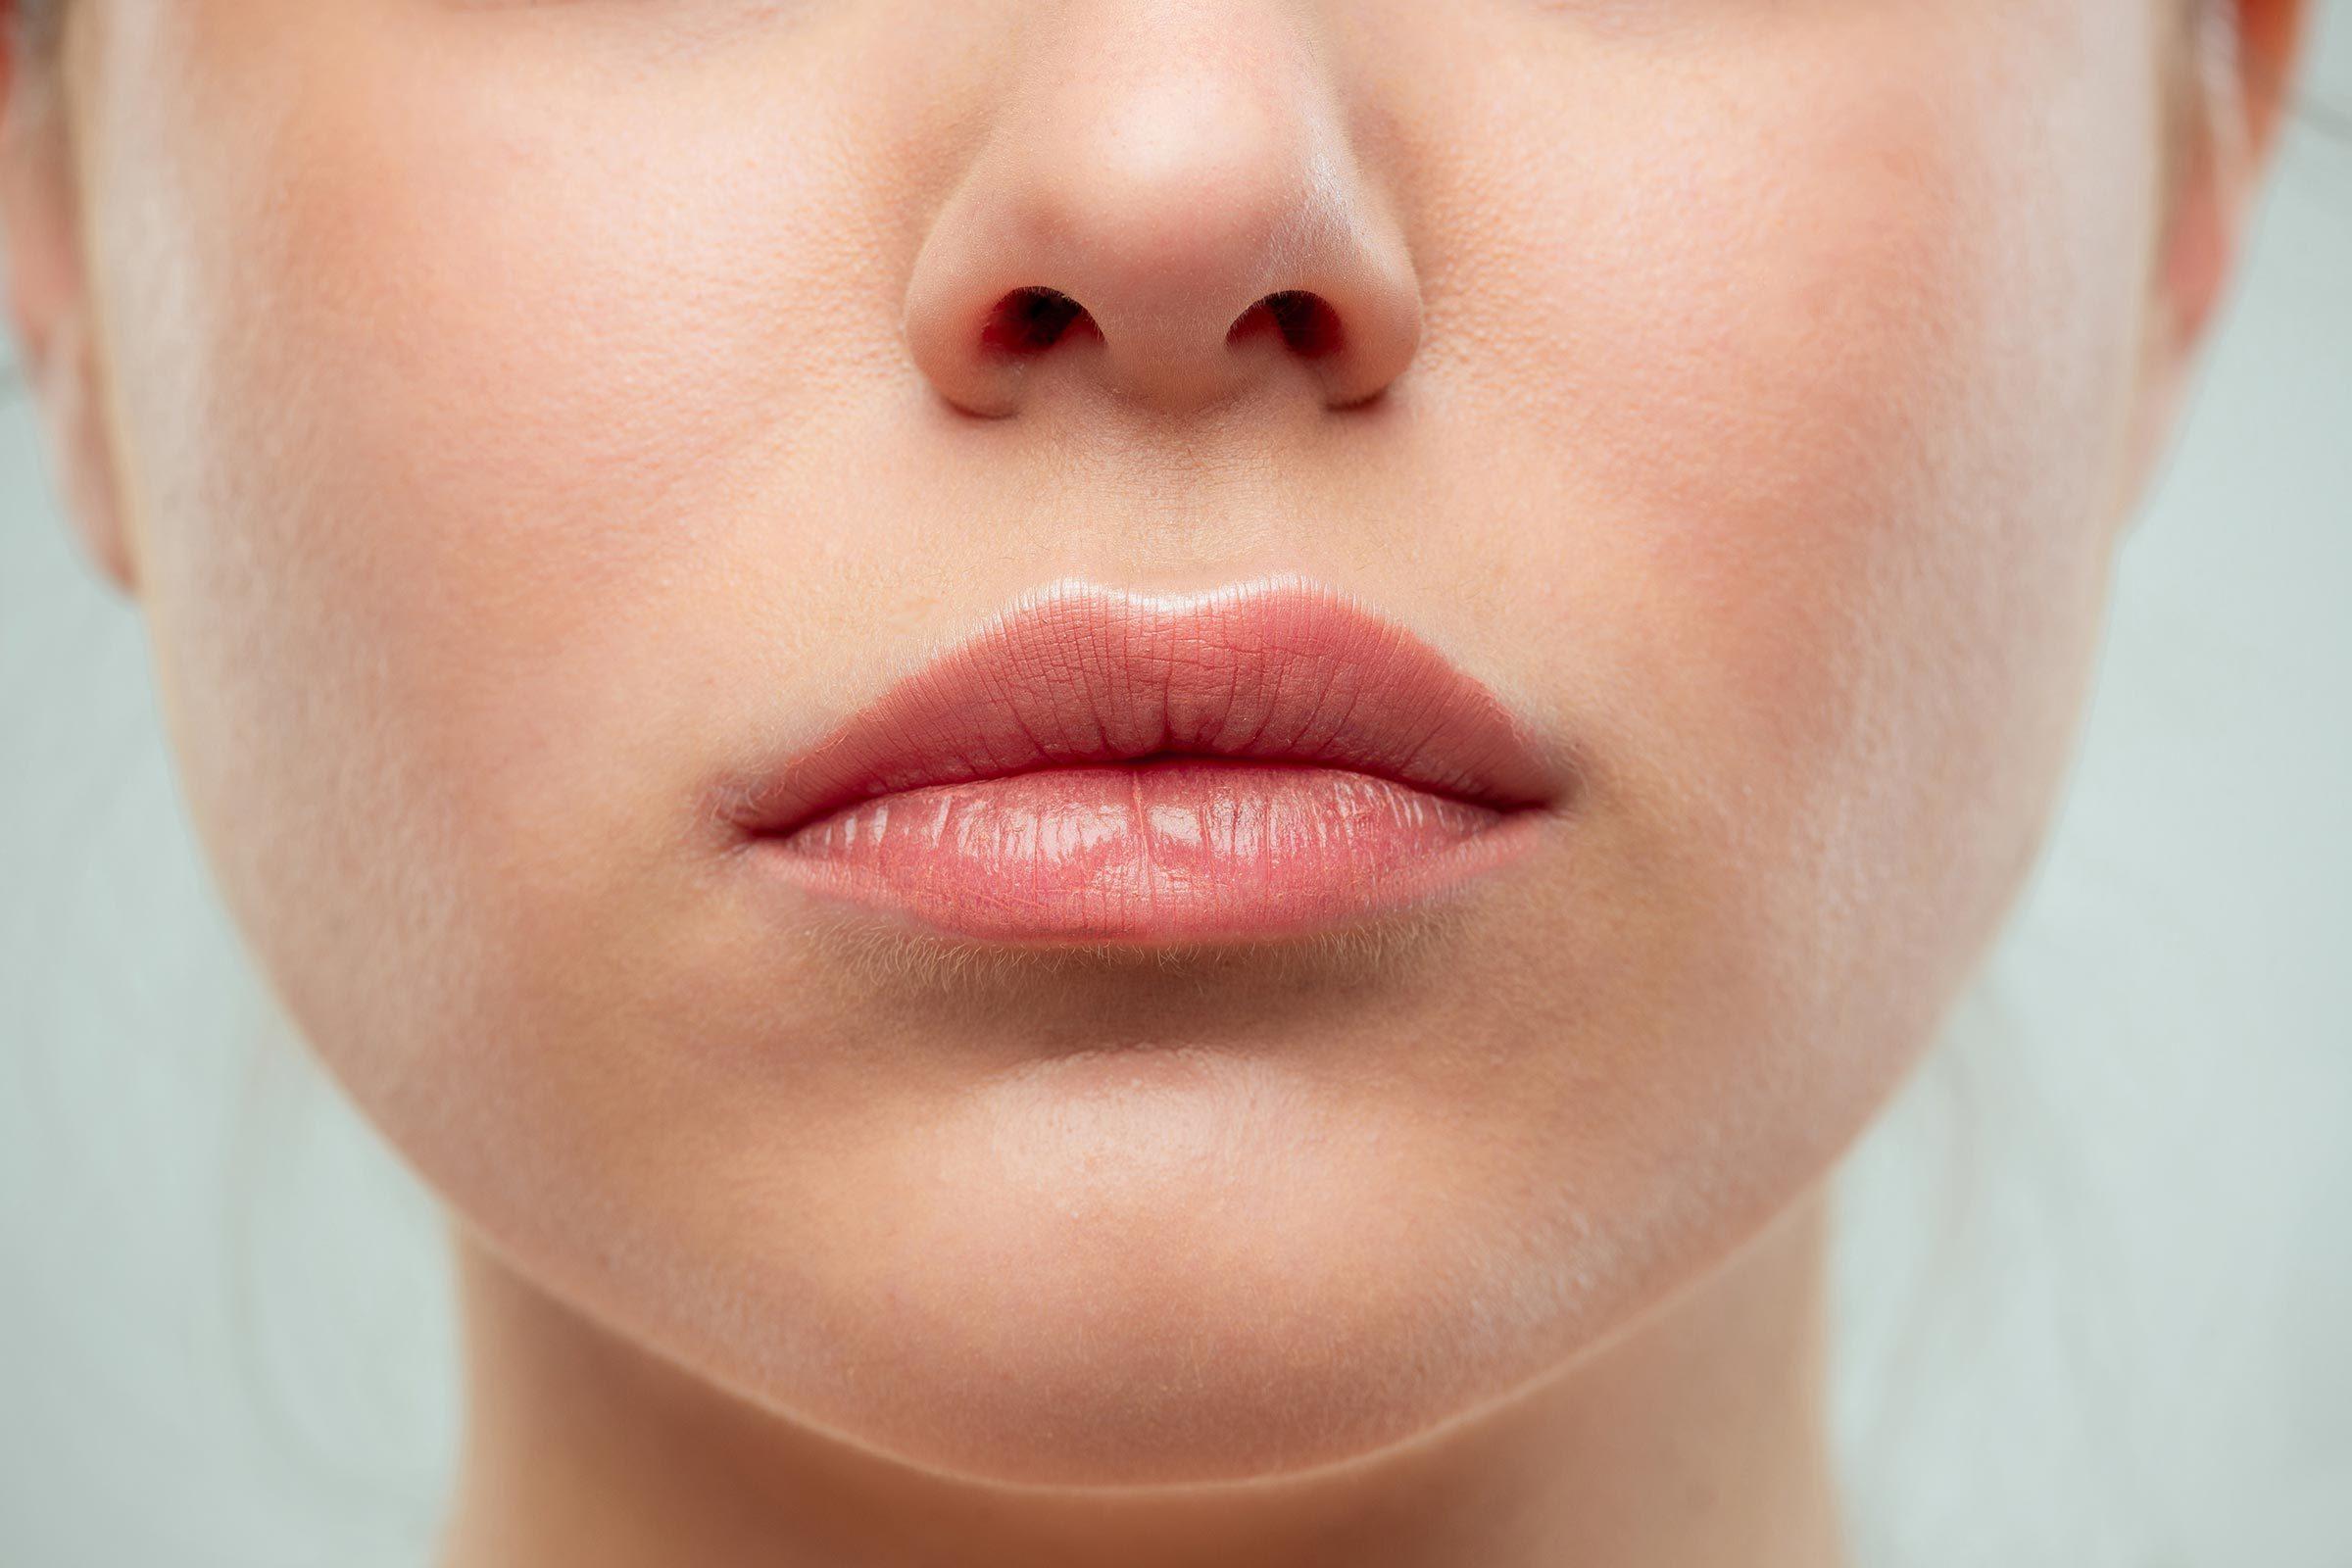 lips close up woman mouth